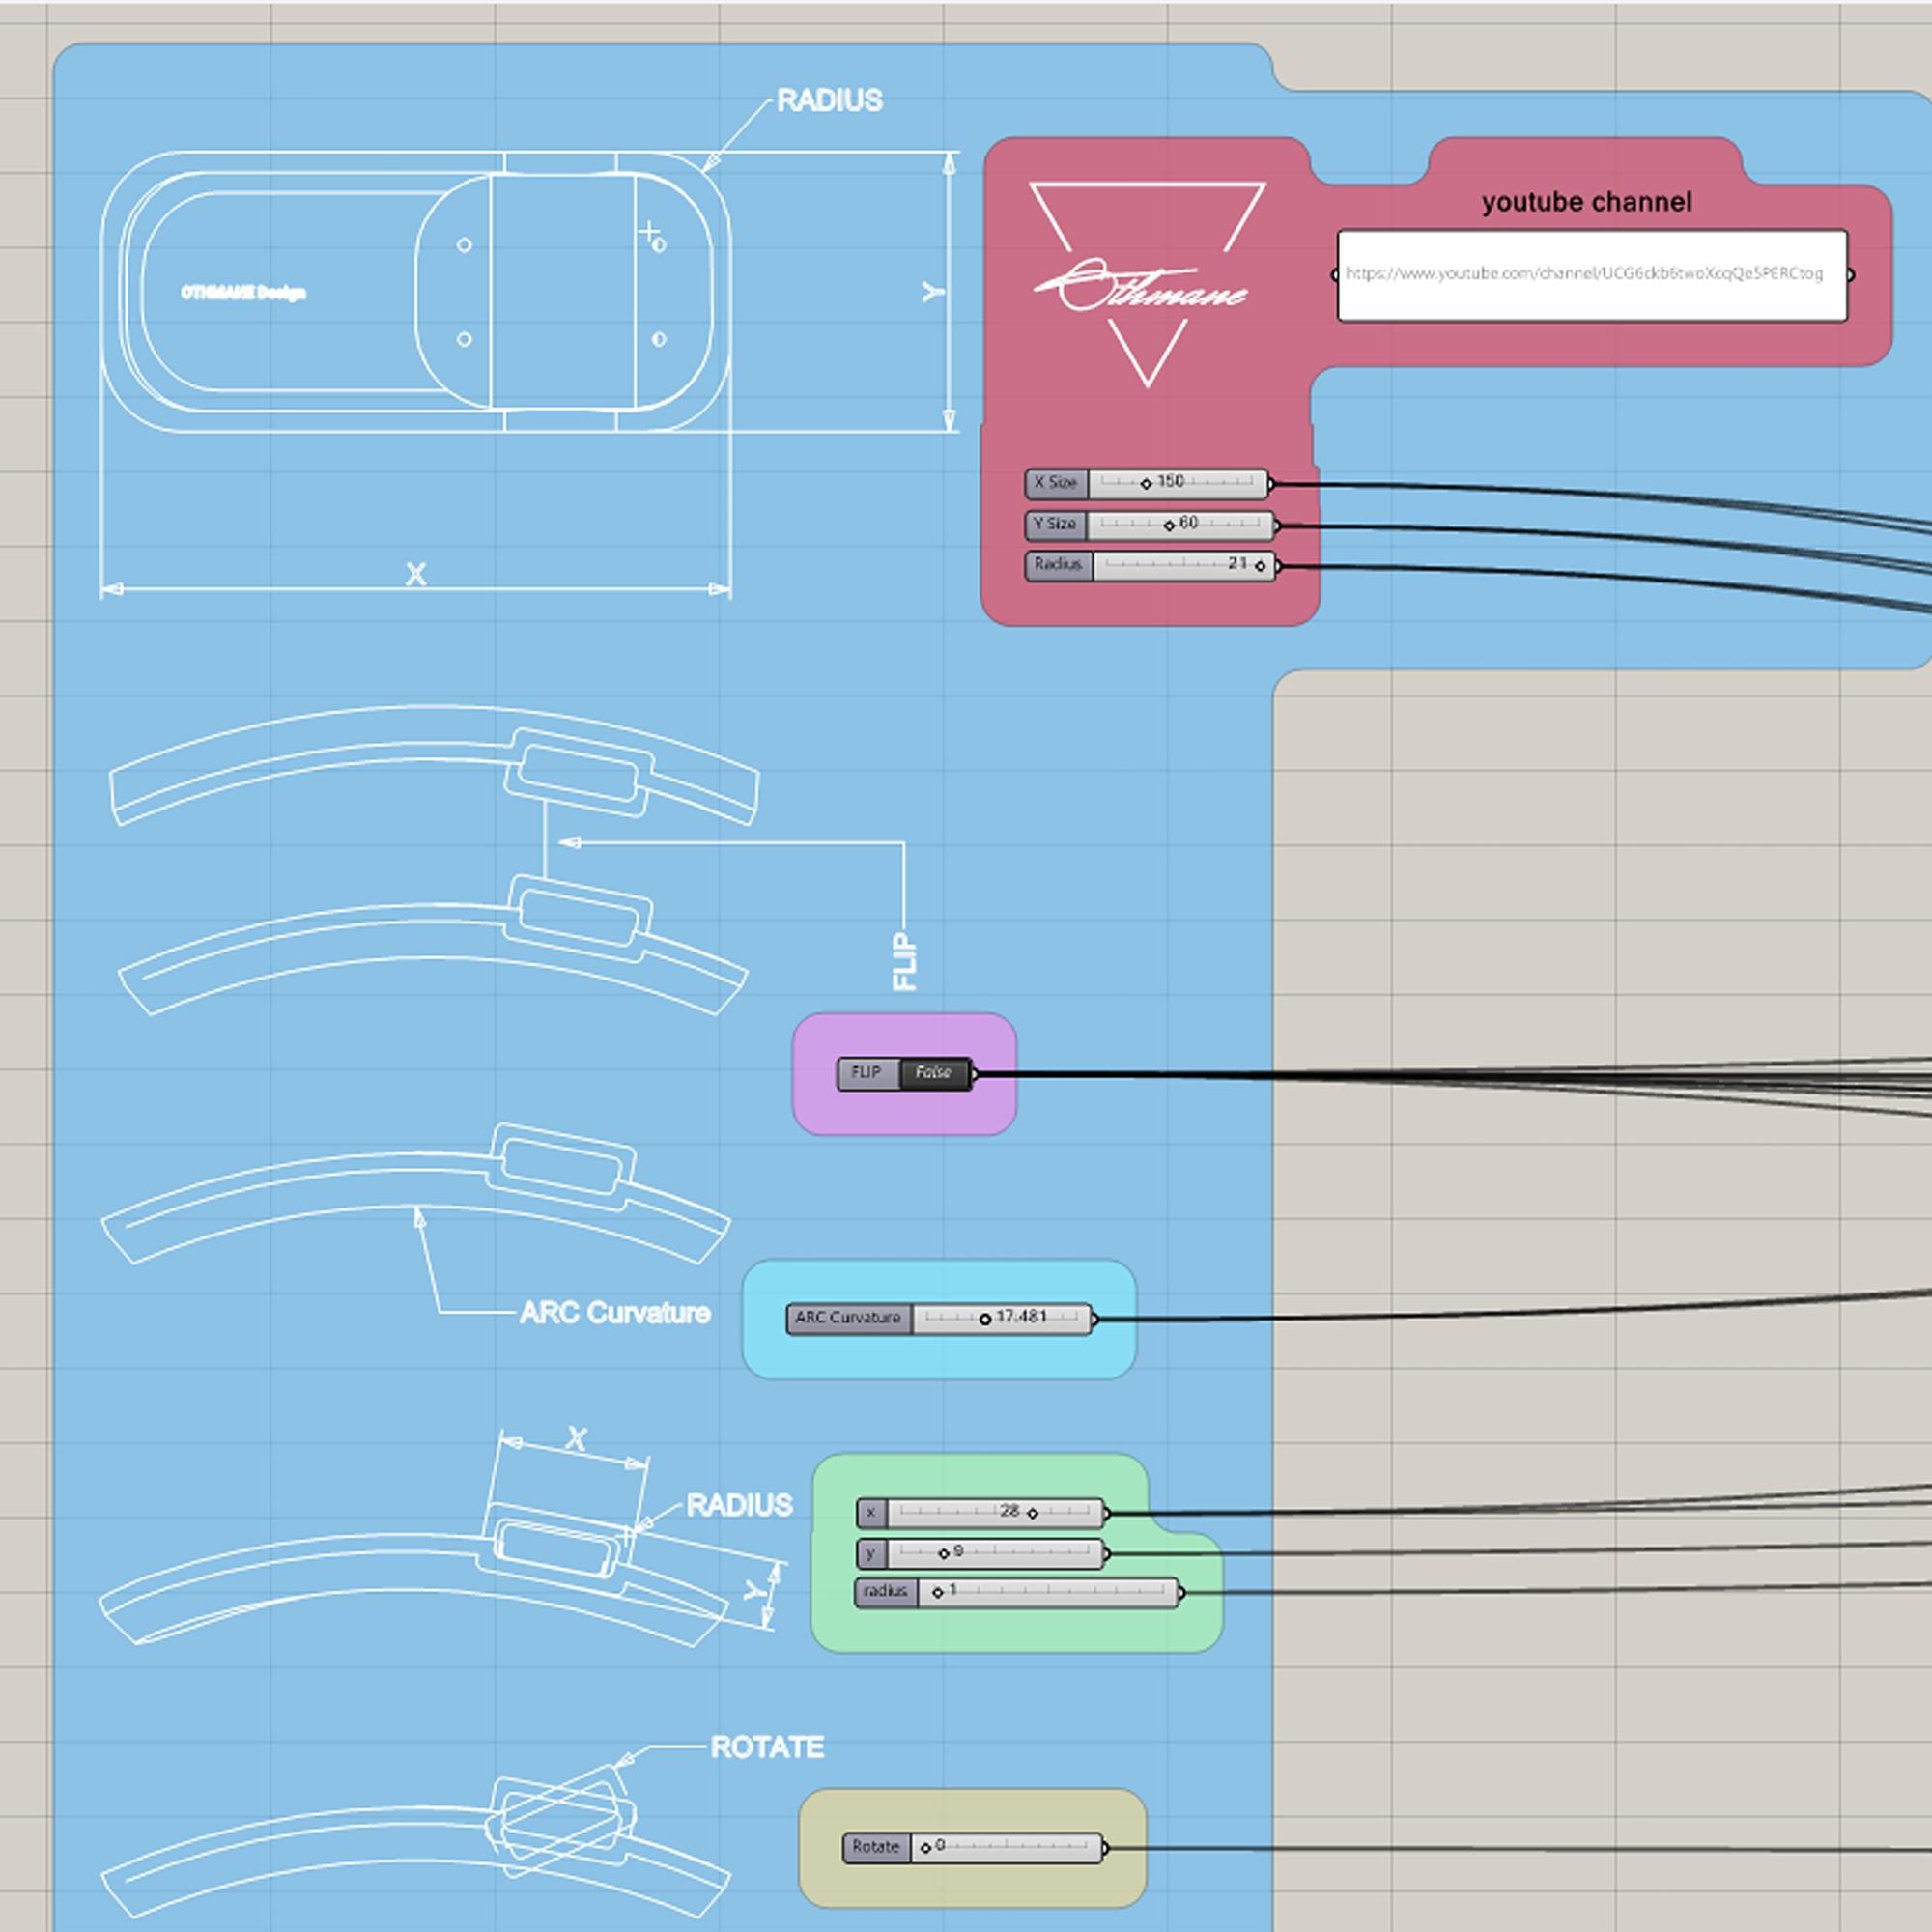 003.jpg Télécharger fichier STL gratuit 3DvsCOVID19 Sauterelles PARAMETRIQUES DOUANIERES Mains Libres Ouvre-portes imprimées 3D pour aider à lutter contre la propagation des coronavirus • Plan pour impression 3D, Othmane